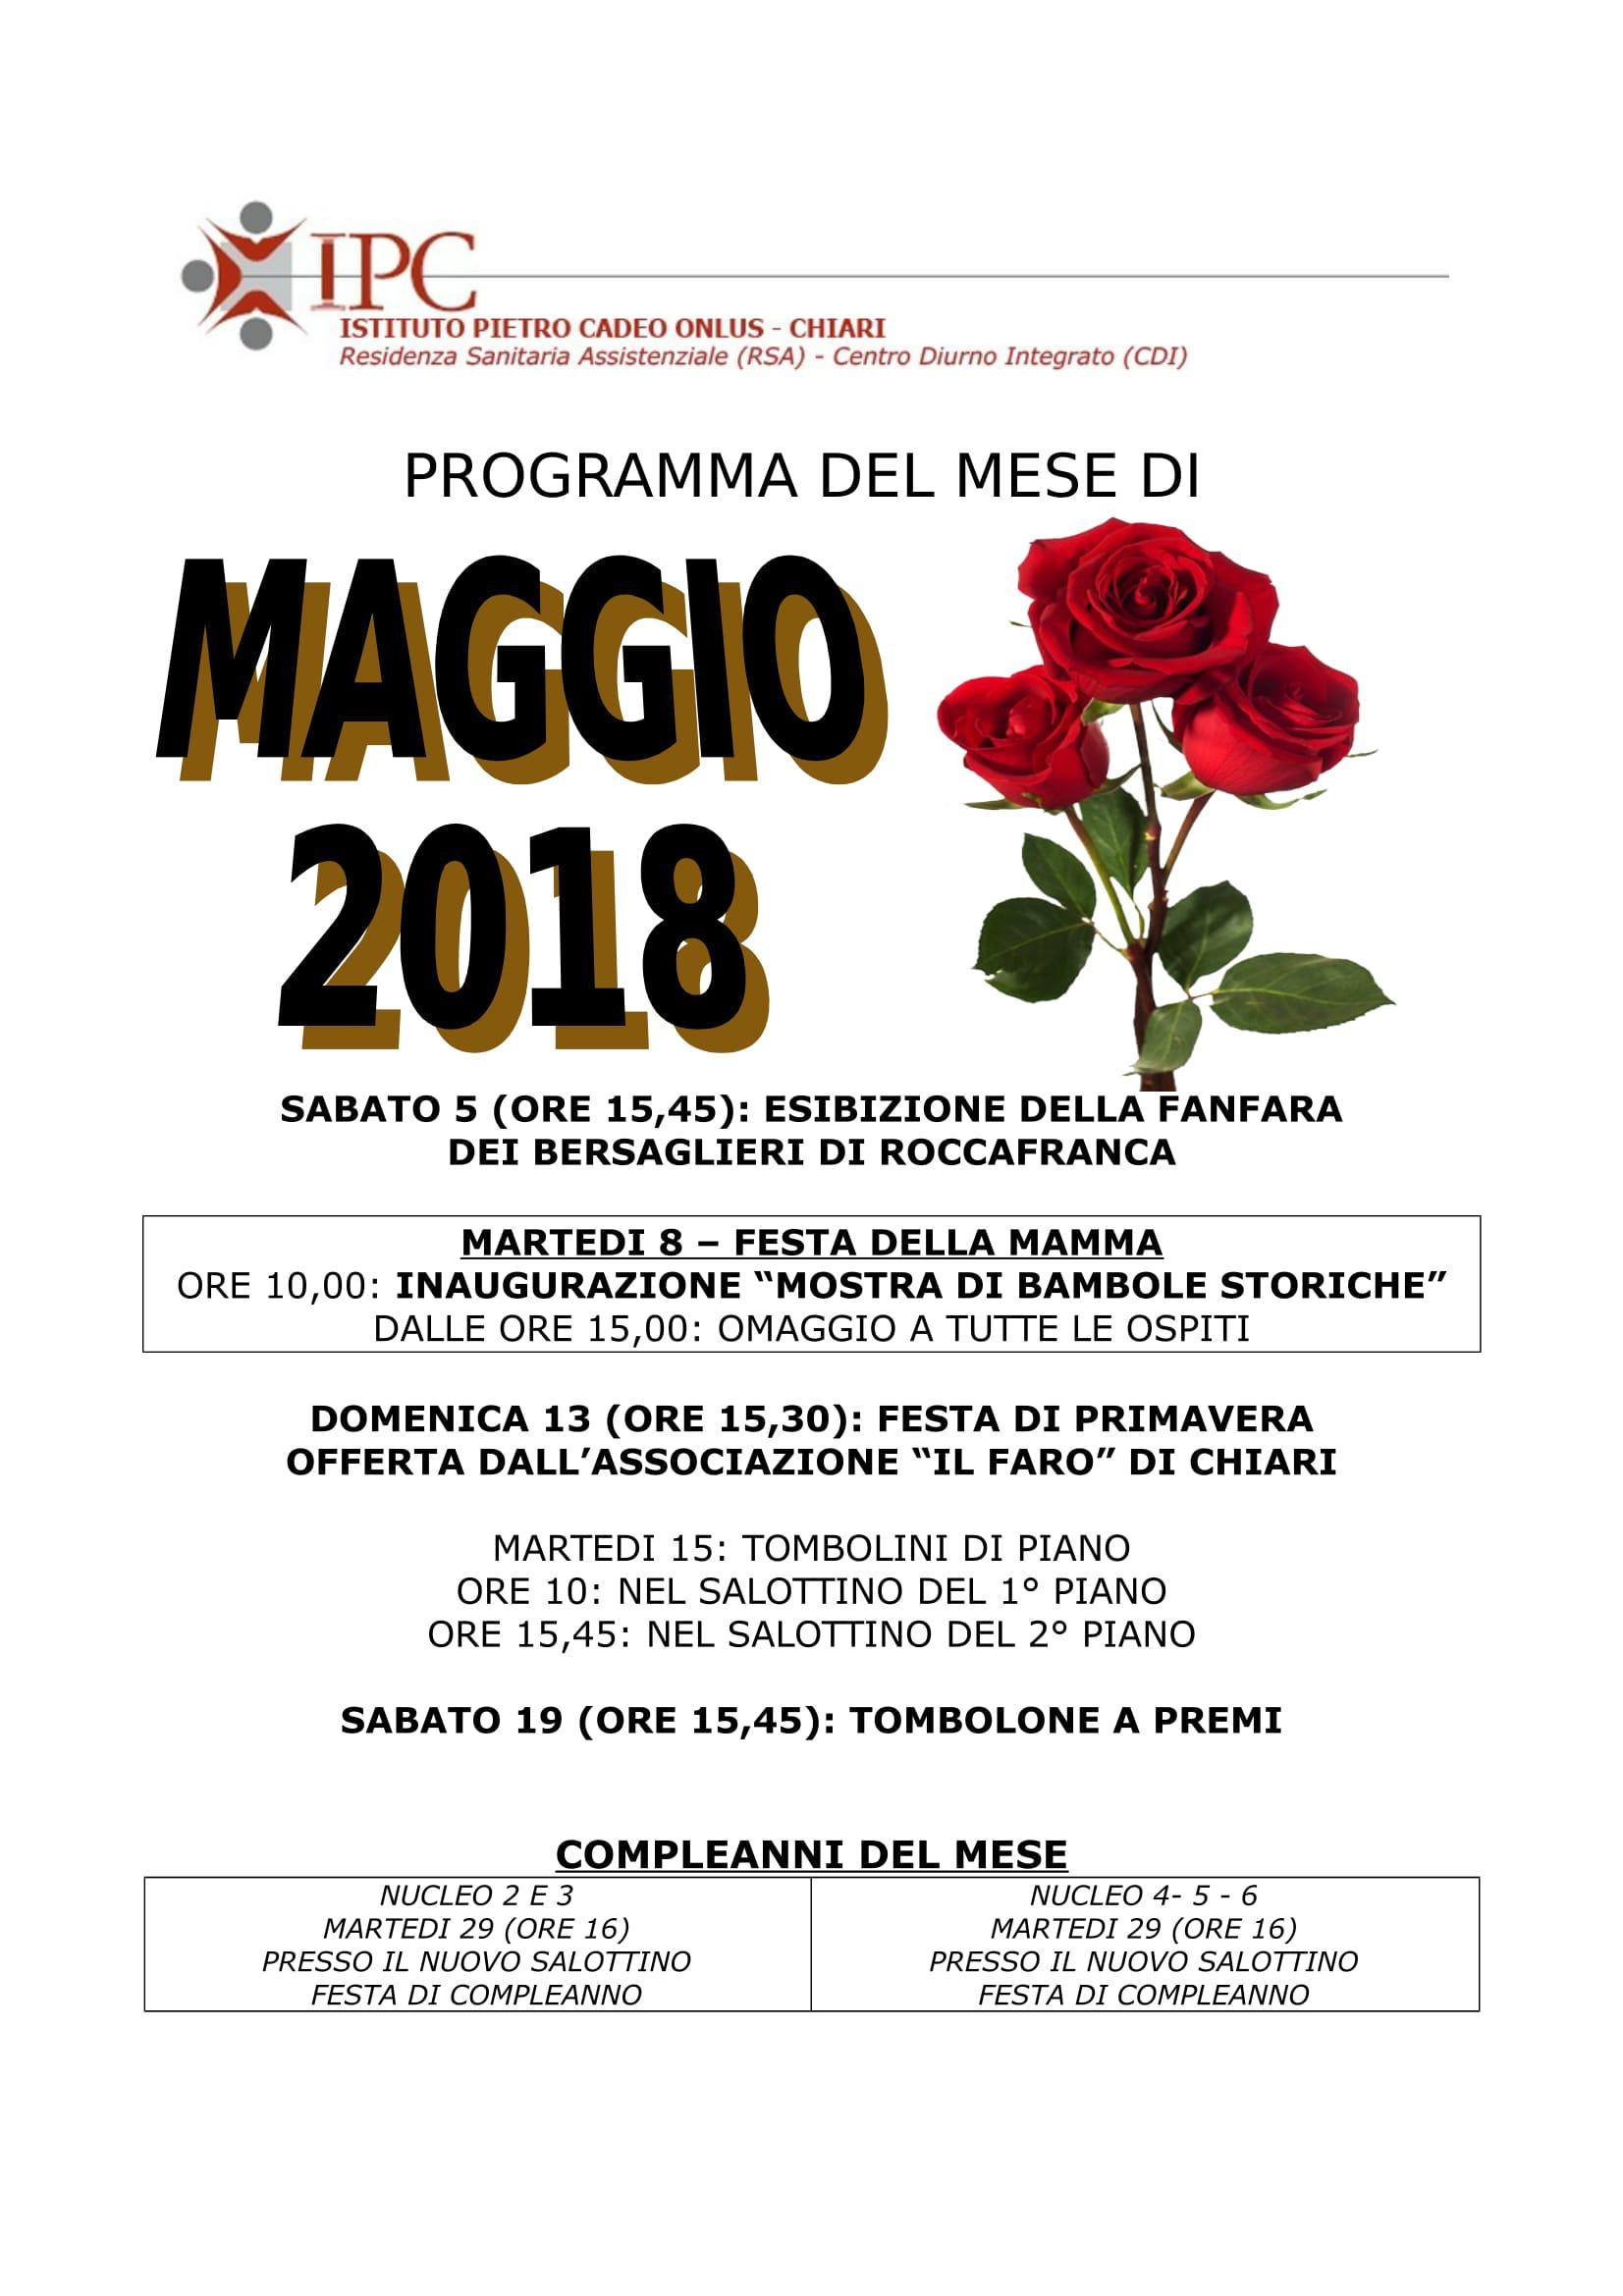 PROGRAMMA MAGGIO 2018-1